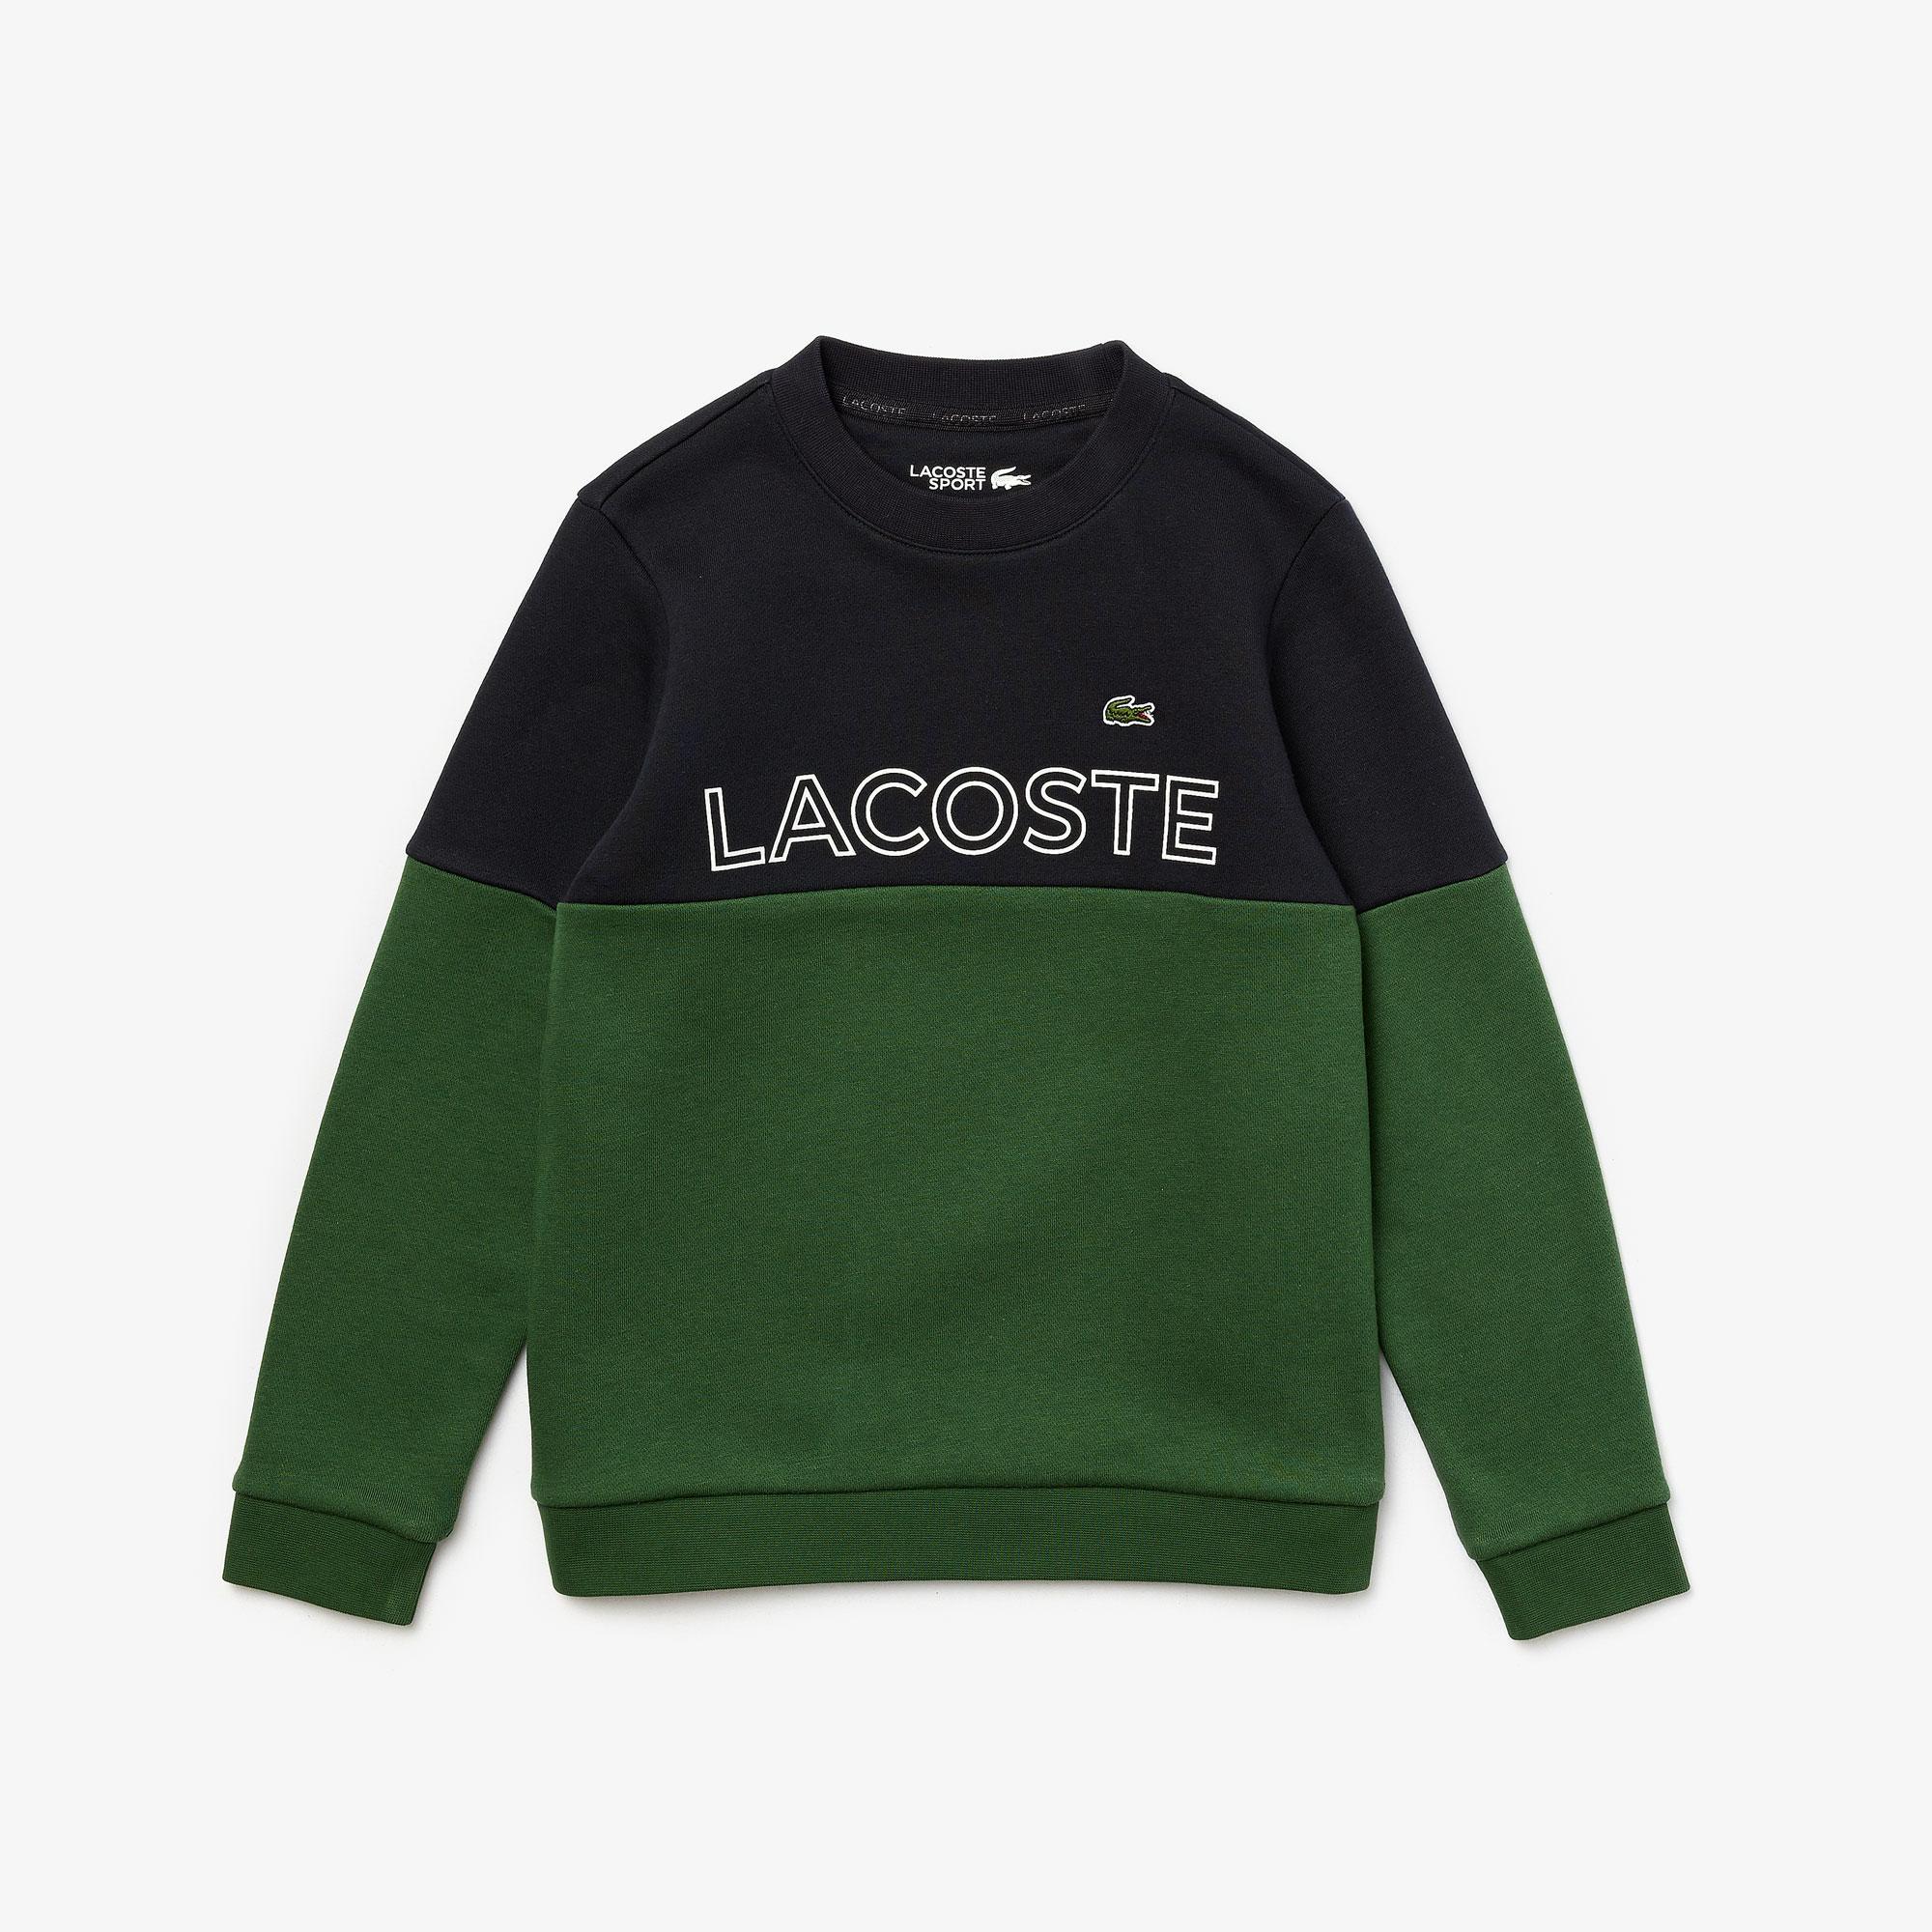 Lacoste Sport Çocuk Blok Desenli Bisiklet Yaka Lacivert - Yeşil Sweatshirt